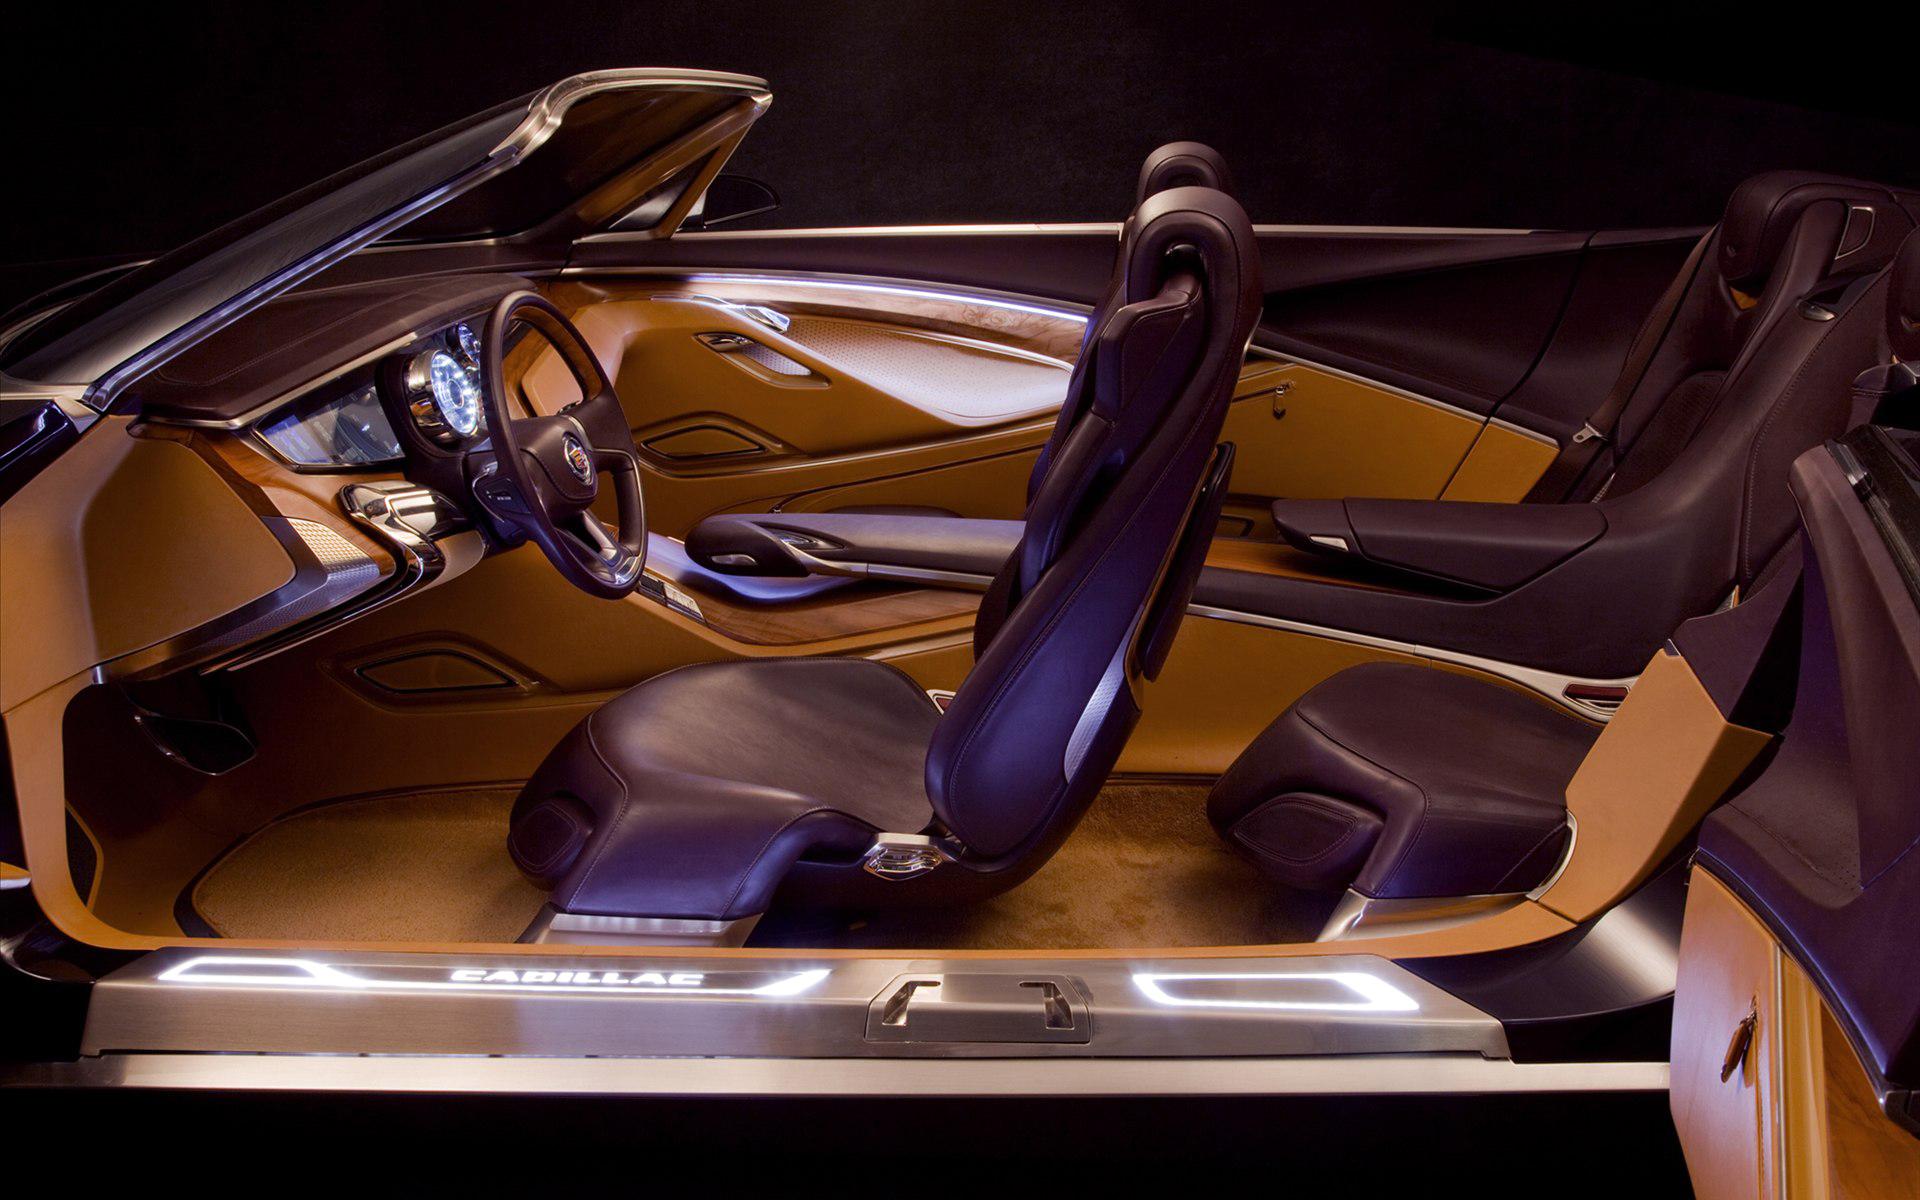 凯迪拉克Cadillac高清桌面壁纸高清图片